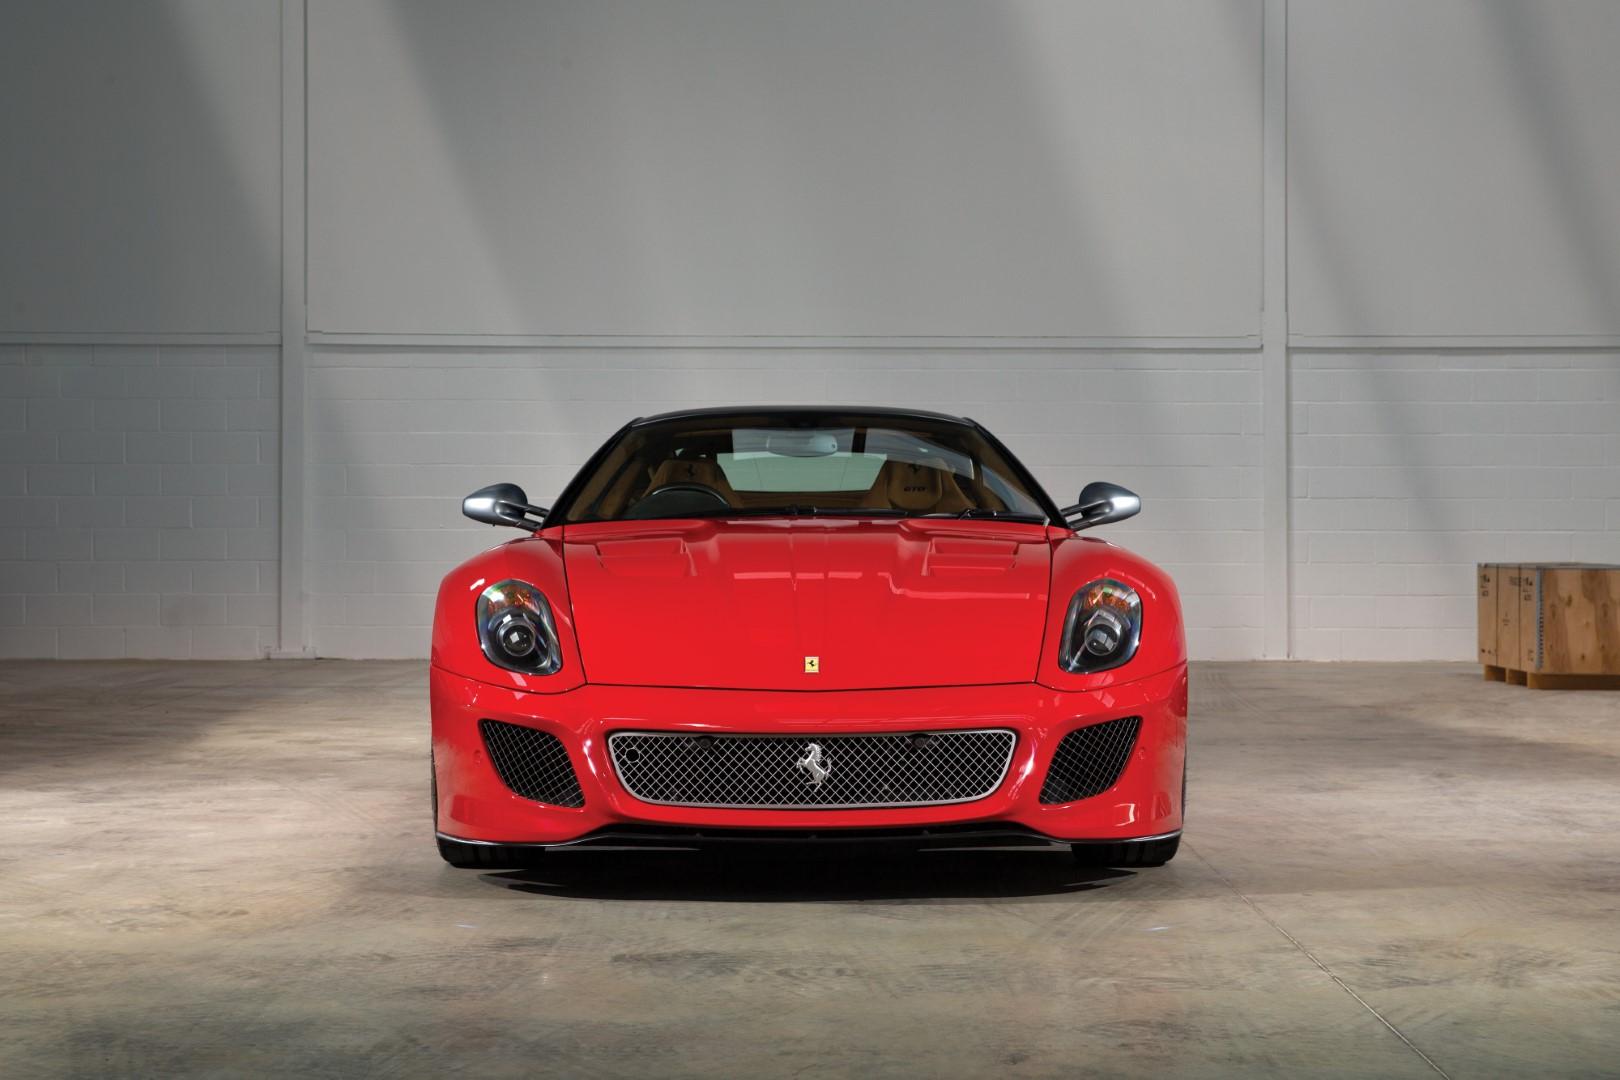 Carro do Cristiano Ronaldo, Ferrari 599 GTO. Praticamente só tem Ferrai nessa lista de carros de luxo de jogadores de futebol, embora sejam possuídas por pessoas que só devem andar com motoristas.